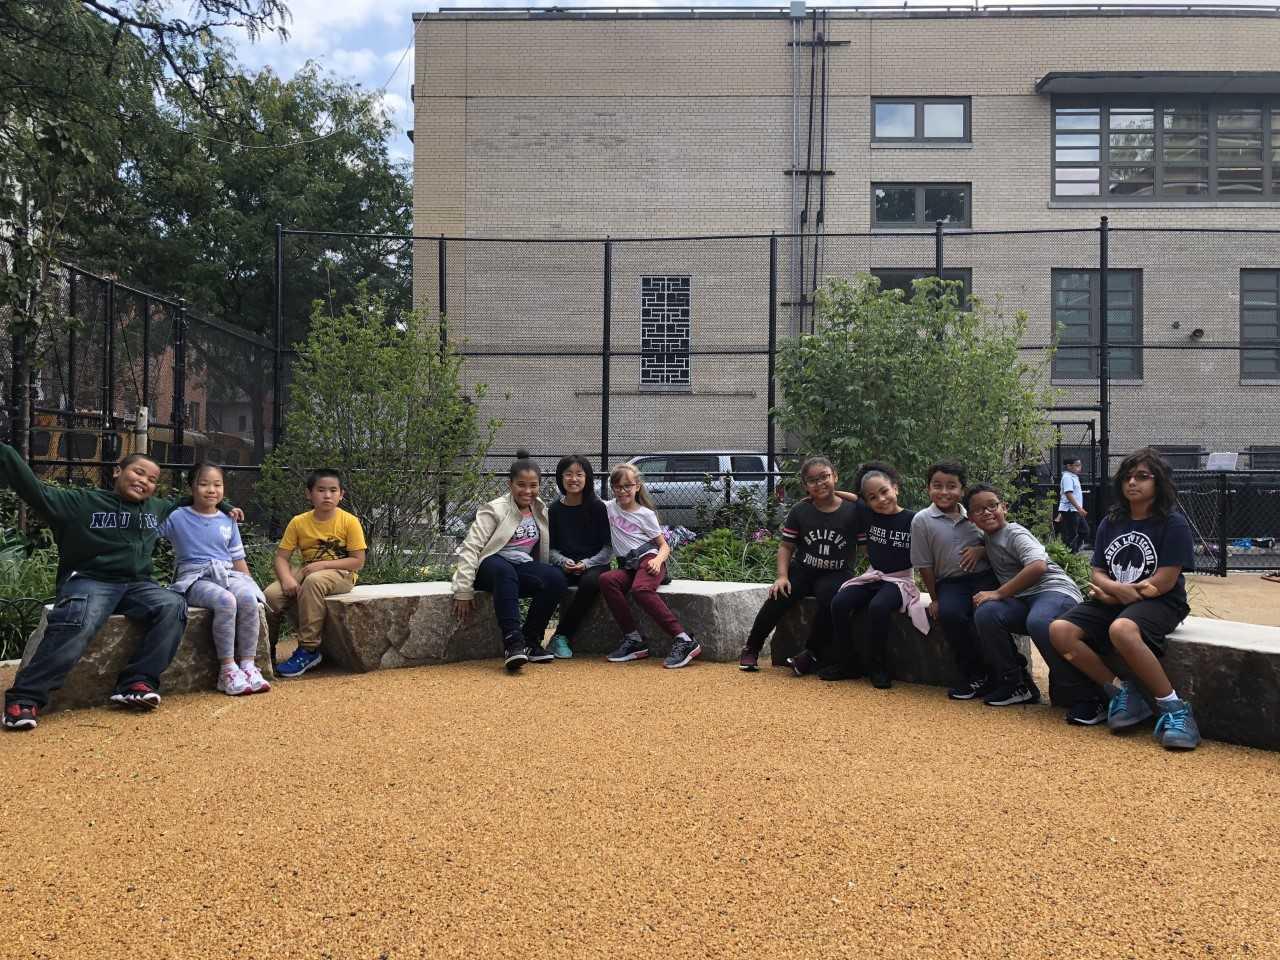 School Yard - Outdoor Classroom